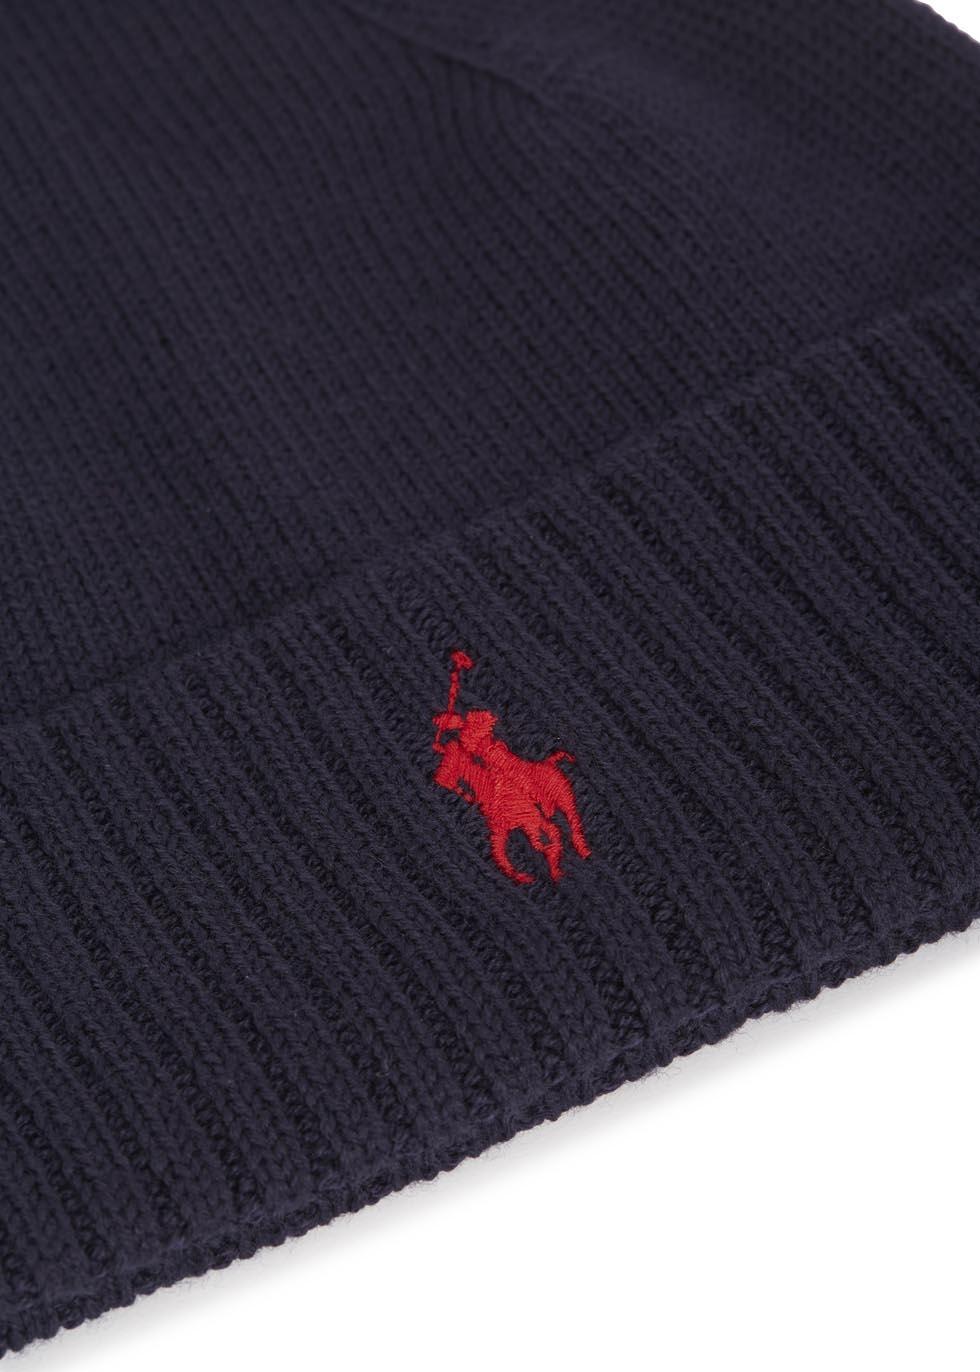 d69ba2dd675 Polo Ralph Lauren Navy Merino Wool Hat in Blue for Men - Lyst